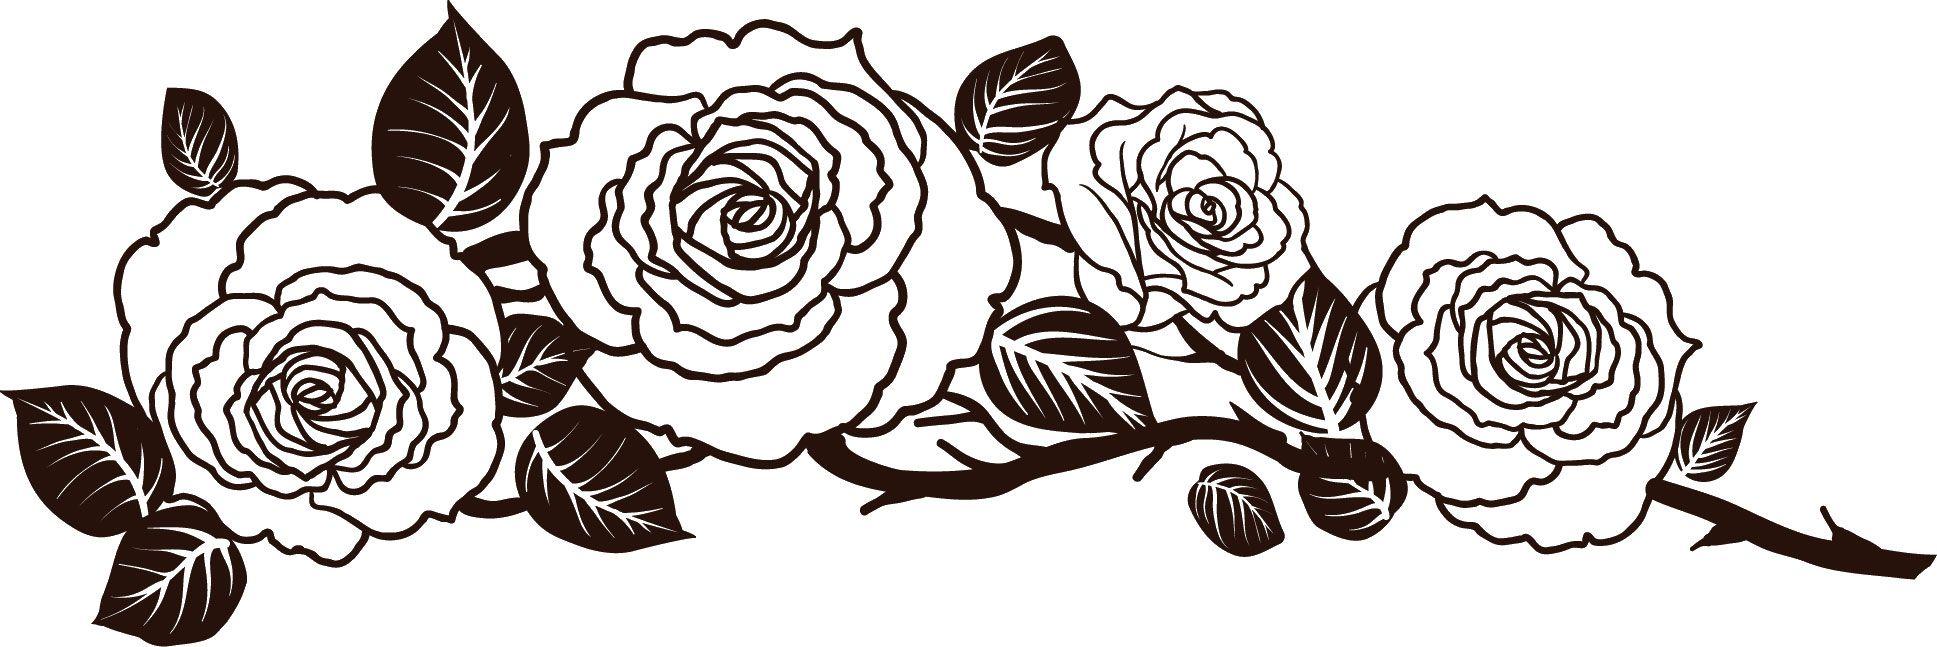 花のライン線イラスト 白黒バラ模様 Strictly Stencils バラ